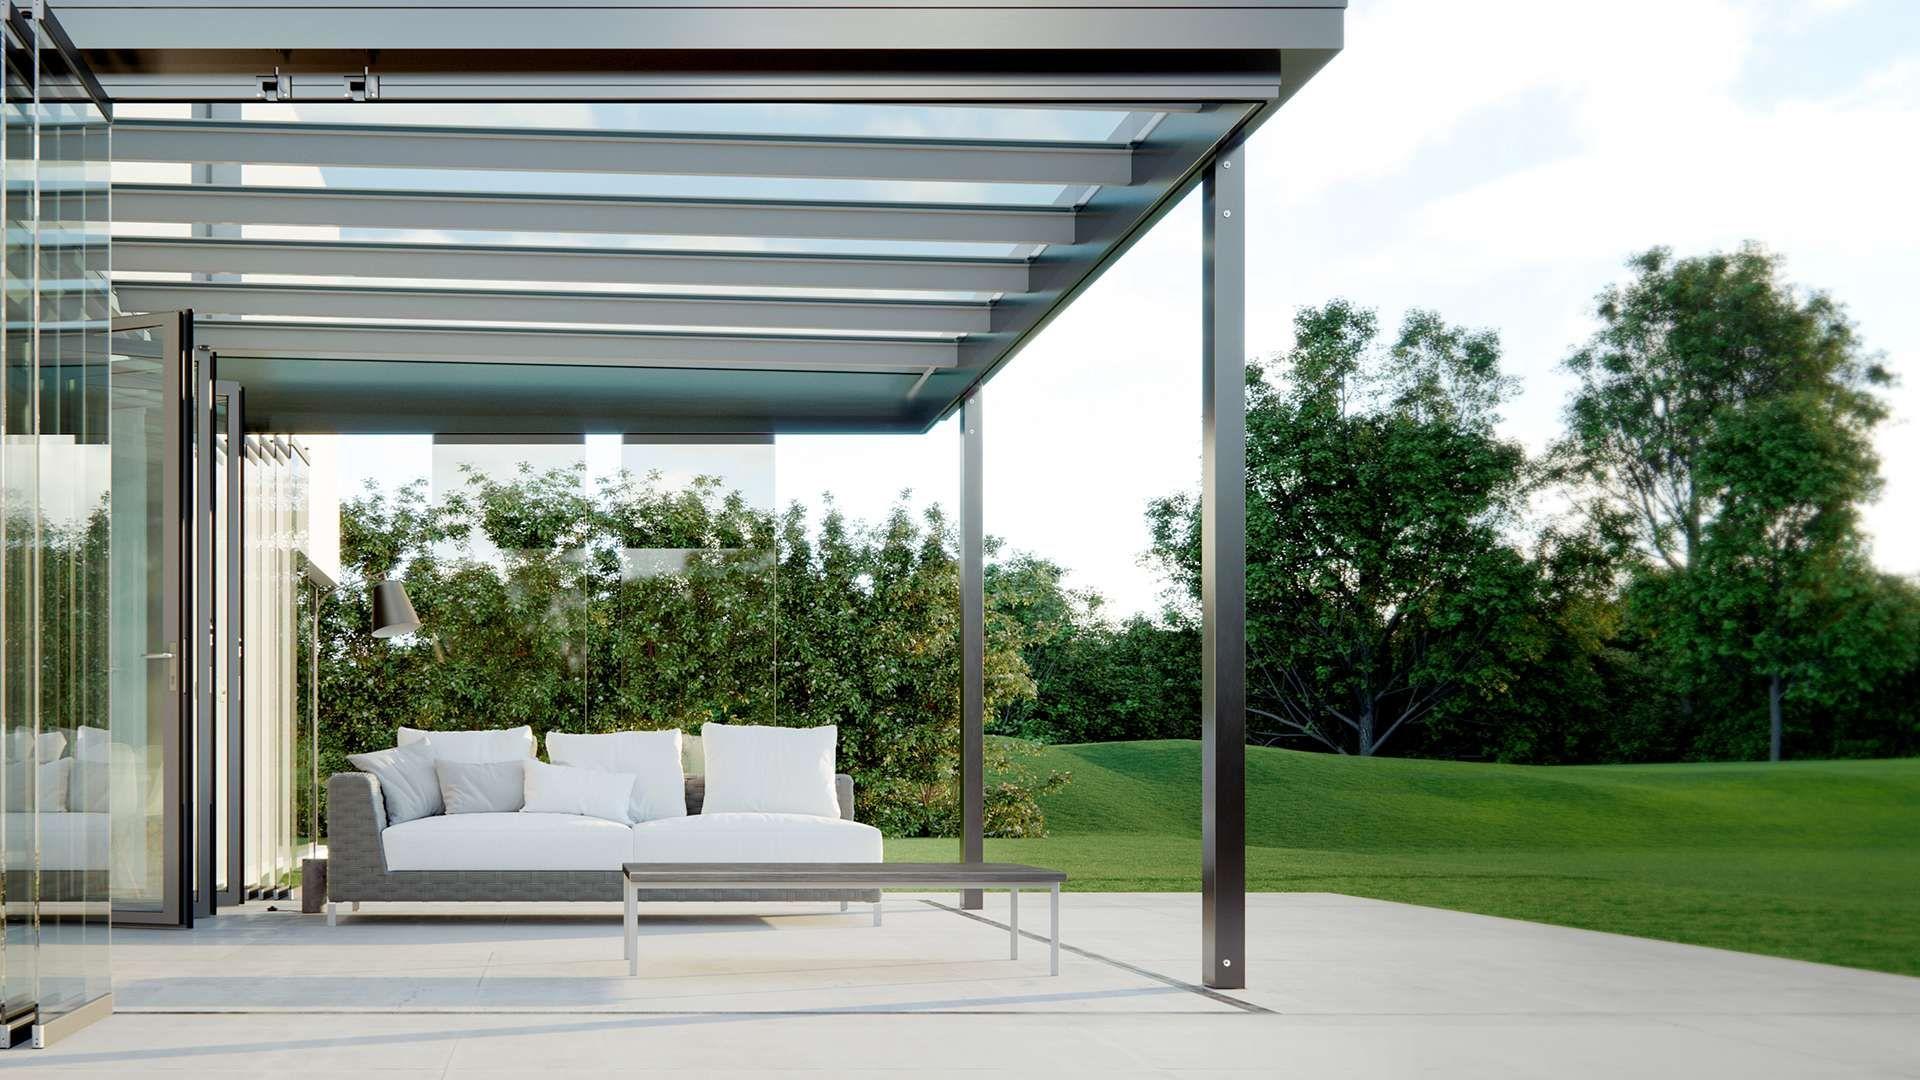 Seitenansicht eines Terrassendaches an einem Haus mit großem Garten